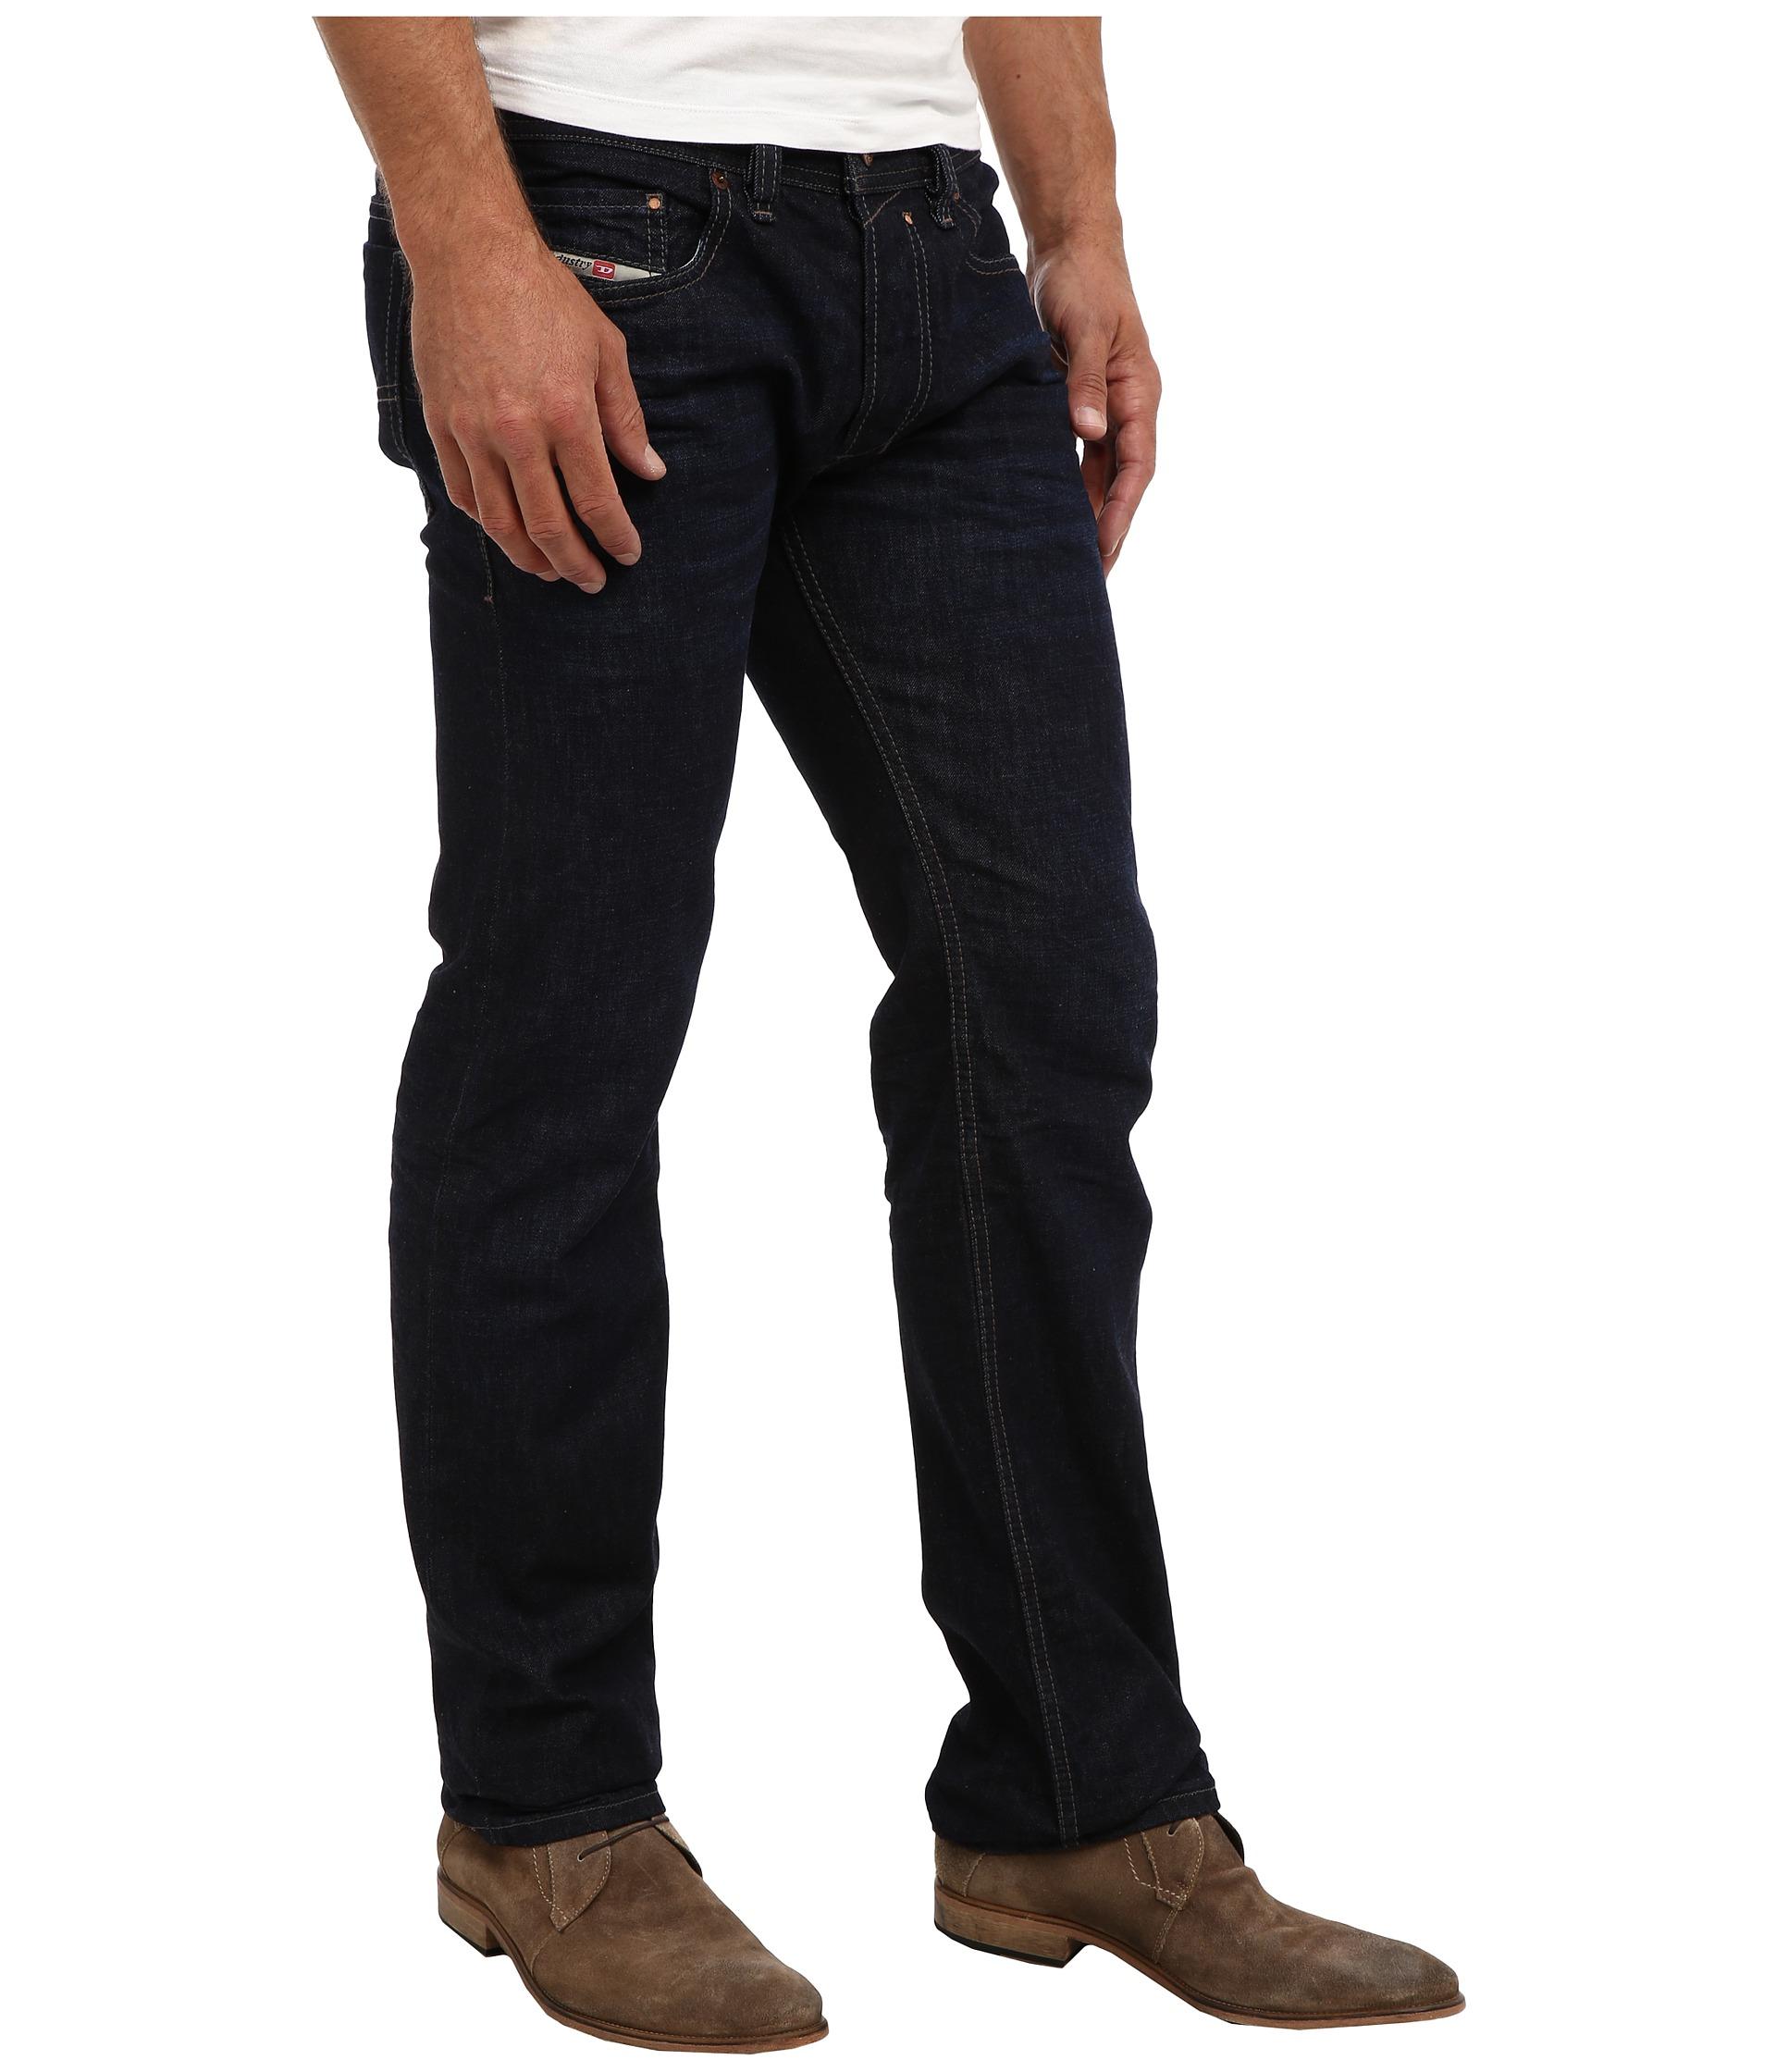 diesel jeans fit guide men images diesel larkee mens. Black Bedroom Furniture Sets. Home Design Ideas